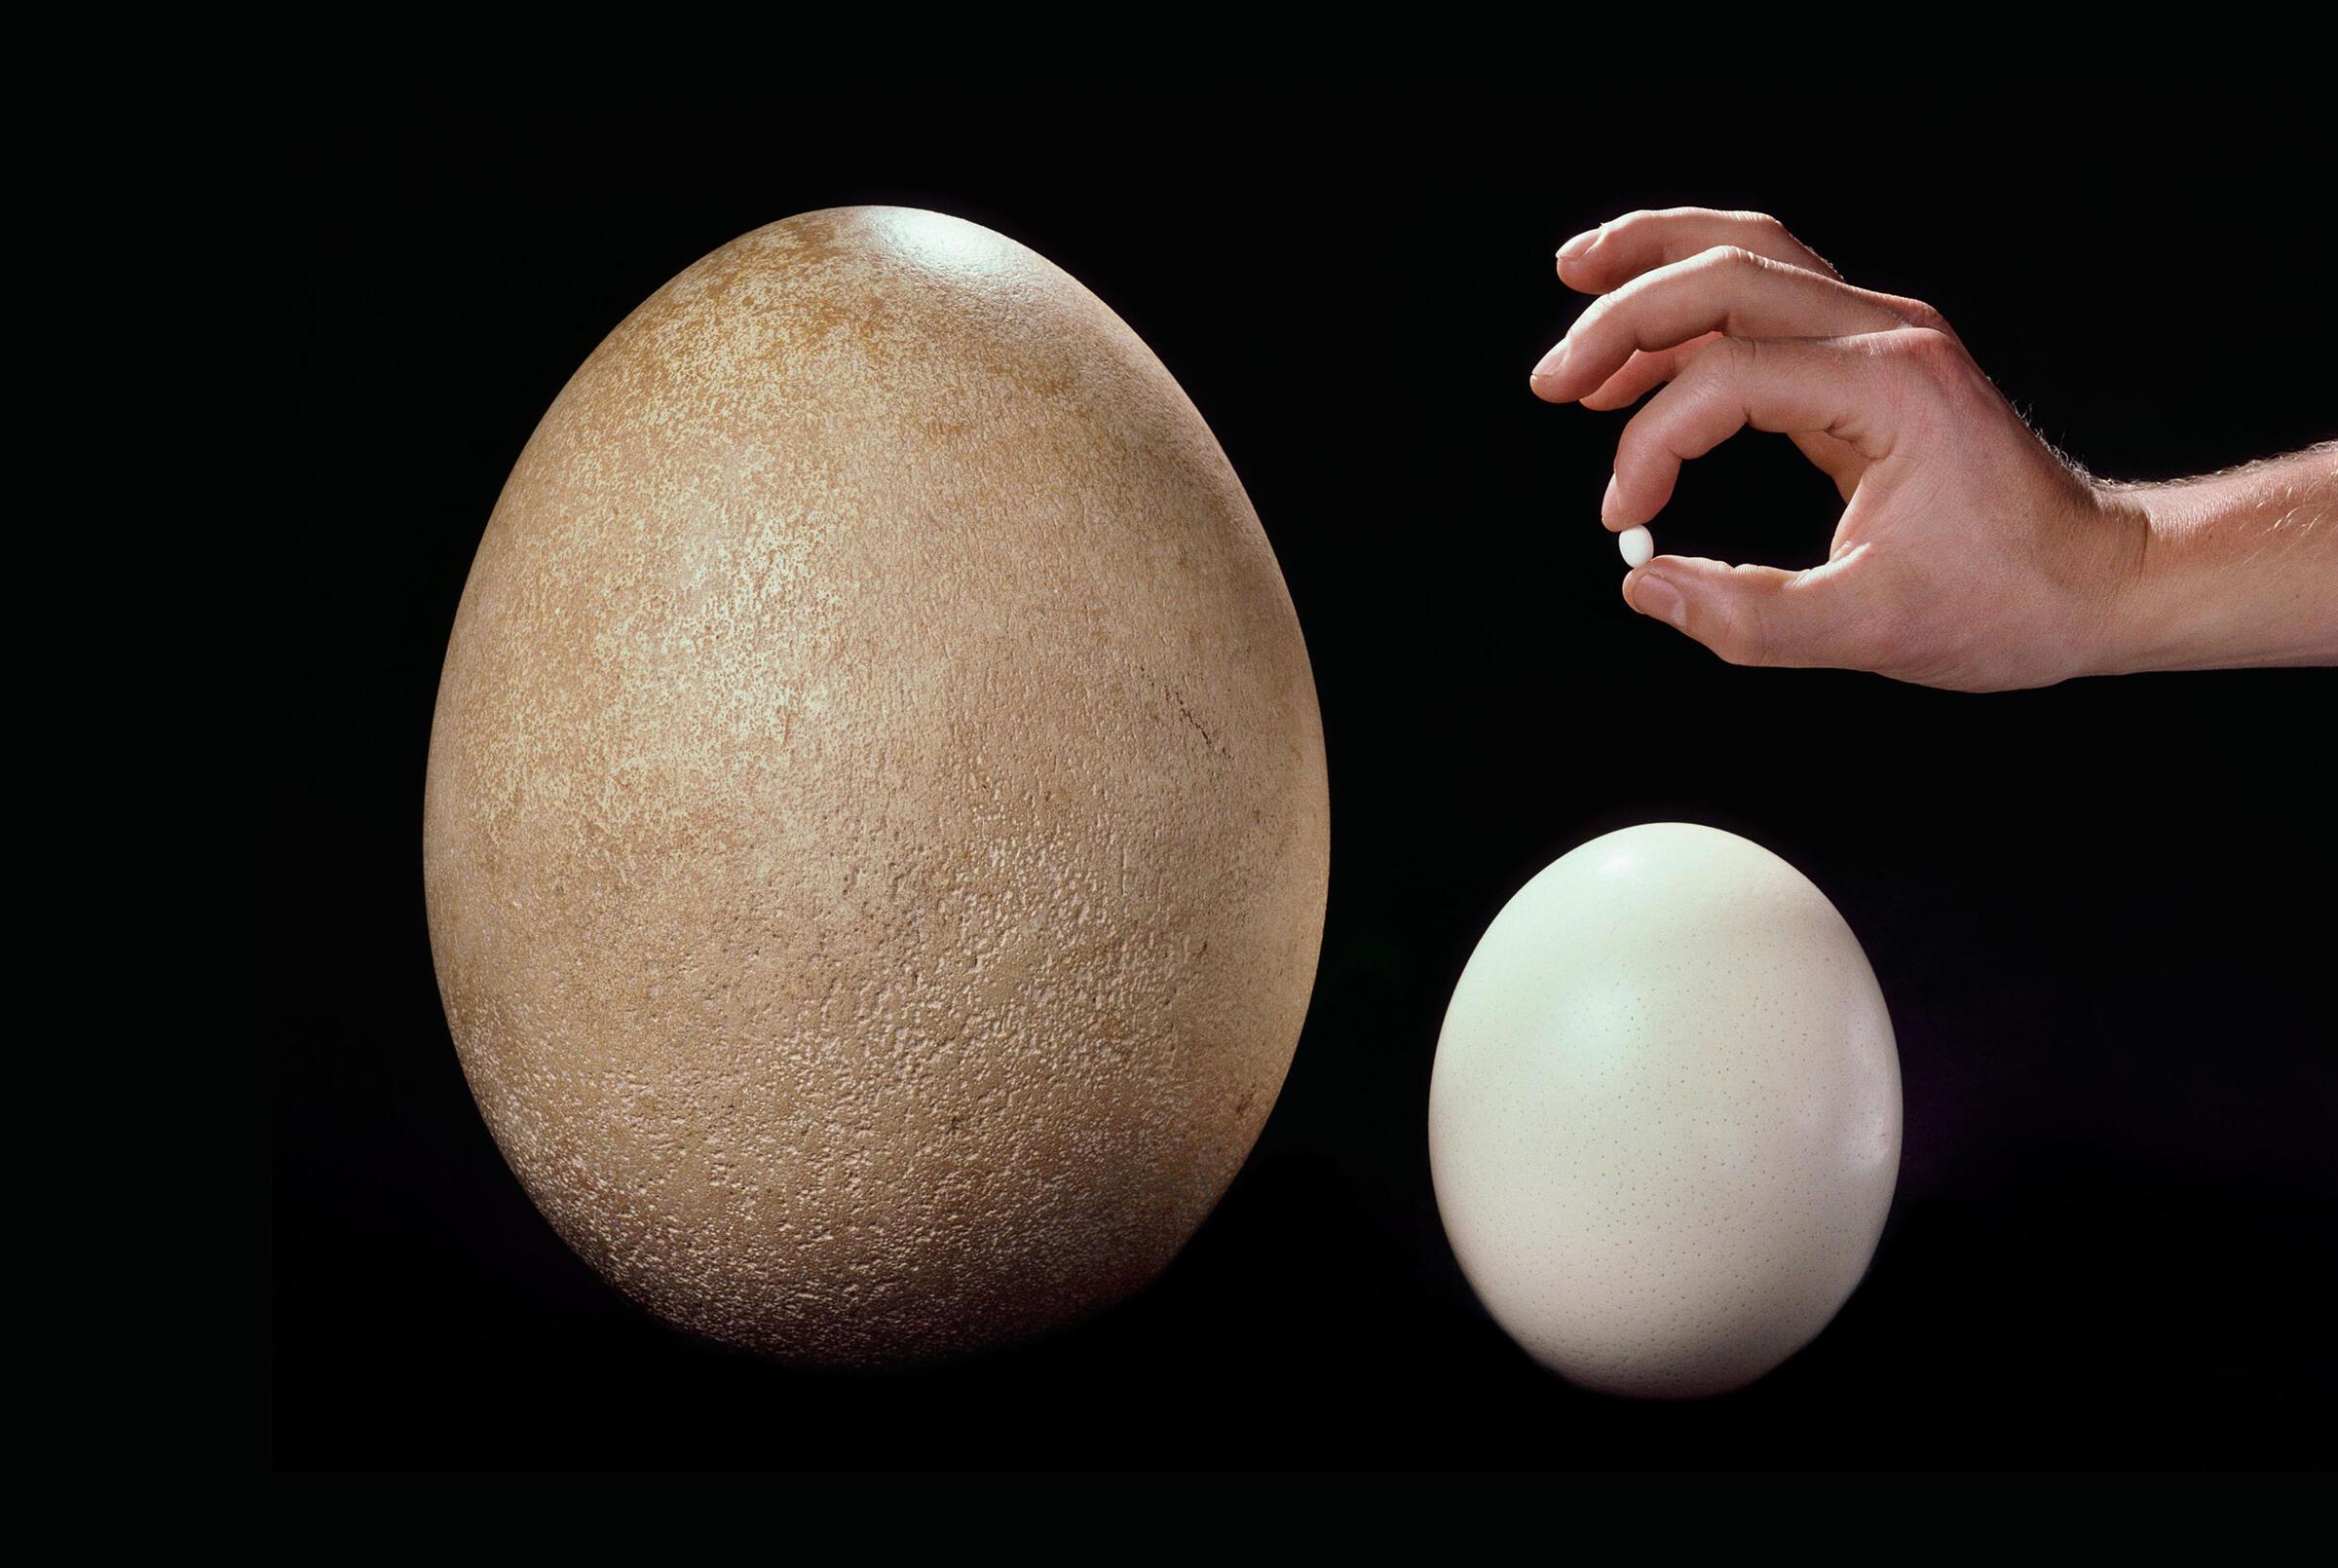 Clockwise from left: Elephant Bird egg (extinct), Hummingbird egg, Ostrich egg. Frans Lanting.